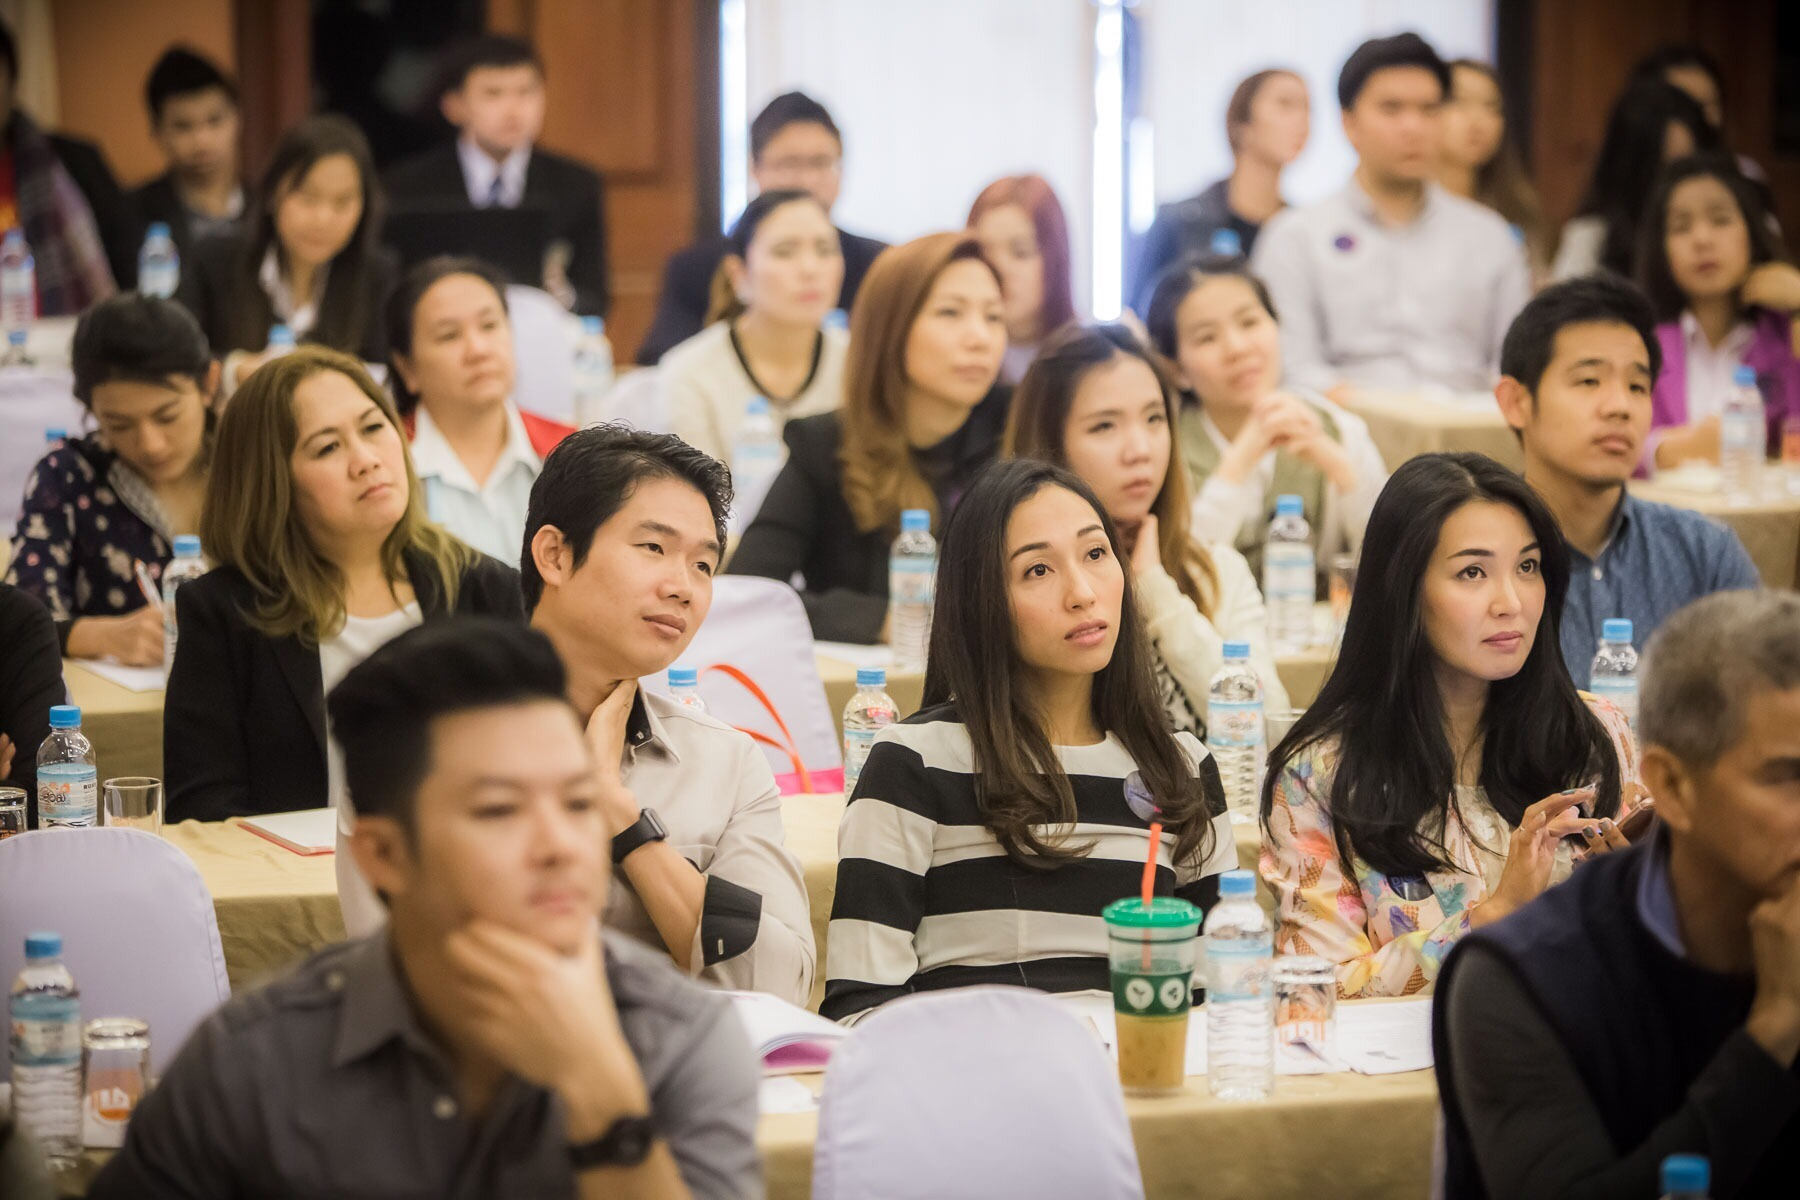 หลักสูตร Digital Jam รุ่น 1 จ.เชียงราย จัดโดย กระทรวงการท่องเที่ยวและกีฬา , หลักสูตร Digital Marketing 4.0 เพื่อธุรกิจท่องเที่ยวไทย